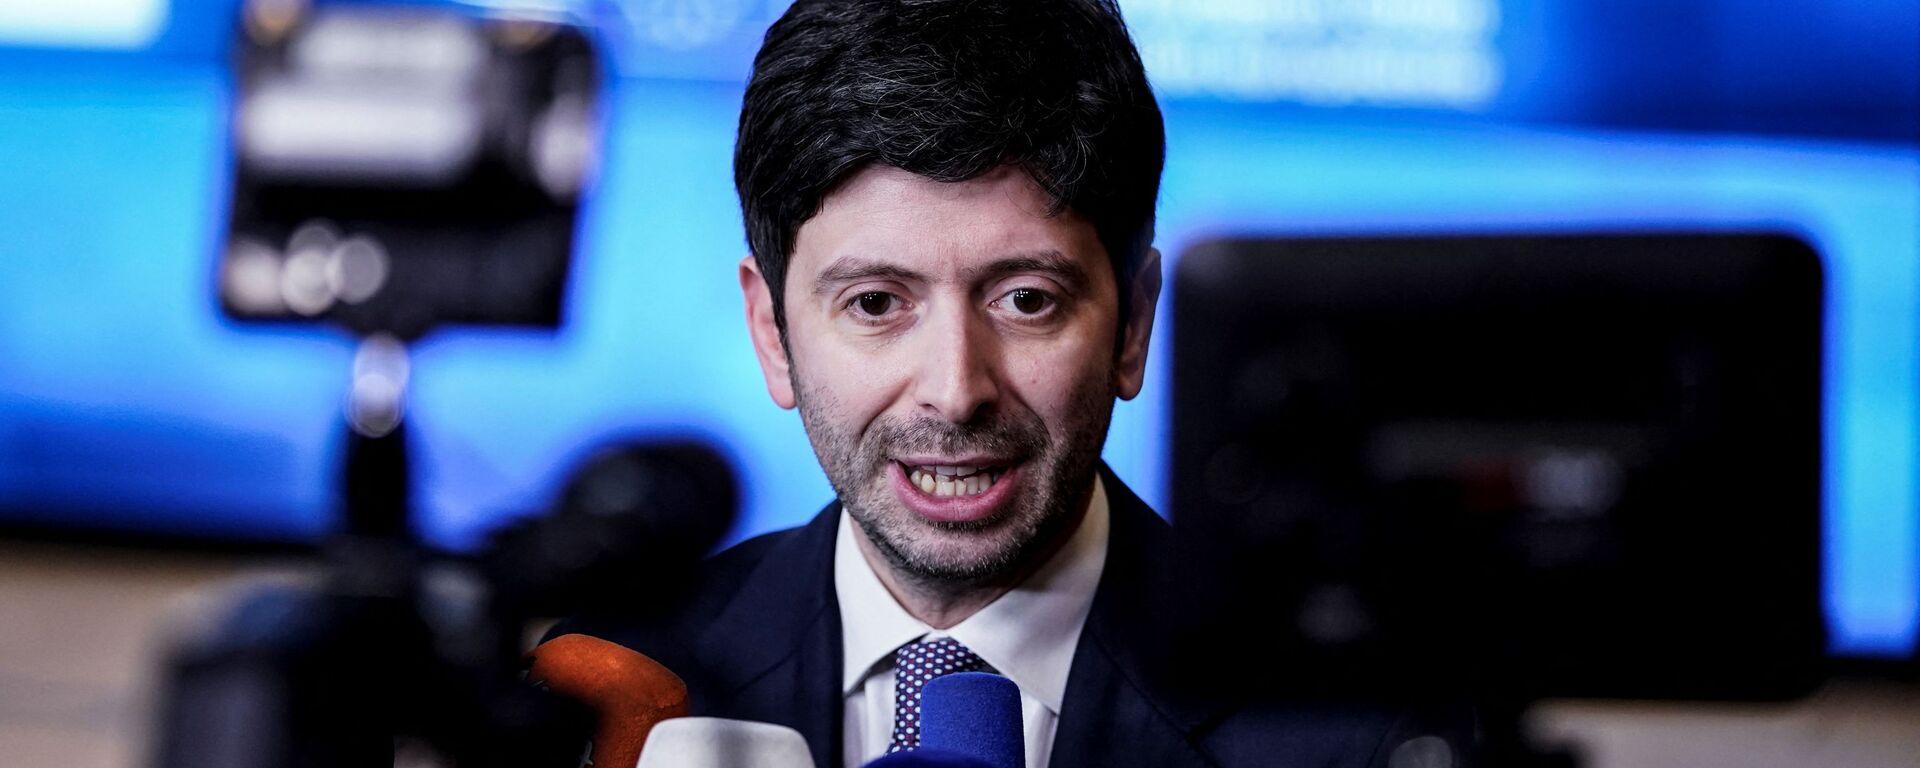 Roberto Speranza, ministro della Salute - Sputnik Italia, 1920, 04.07.2021